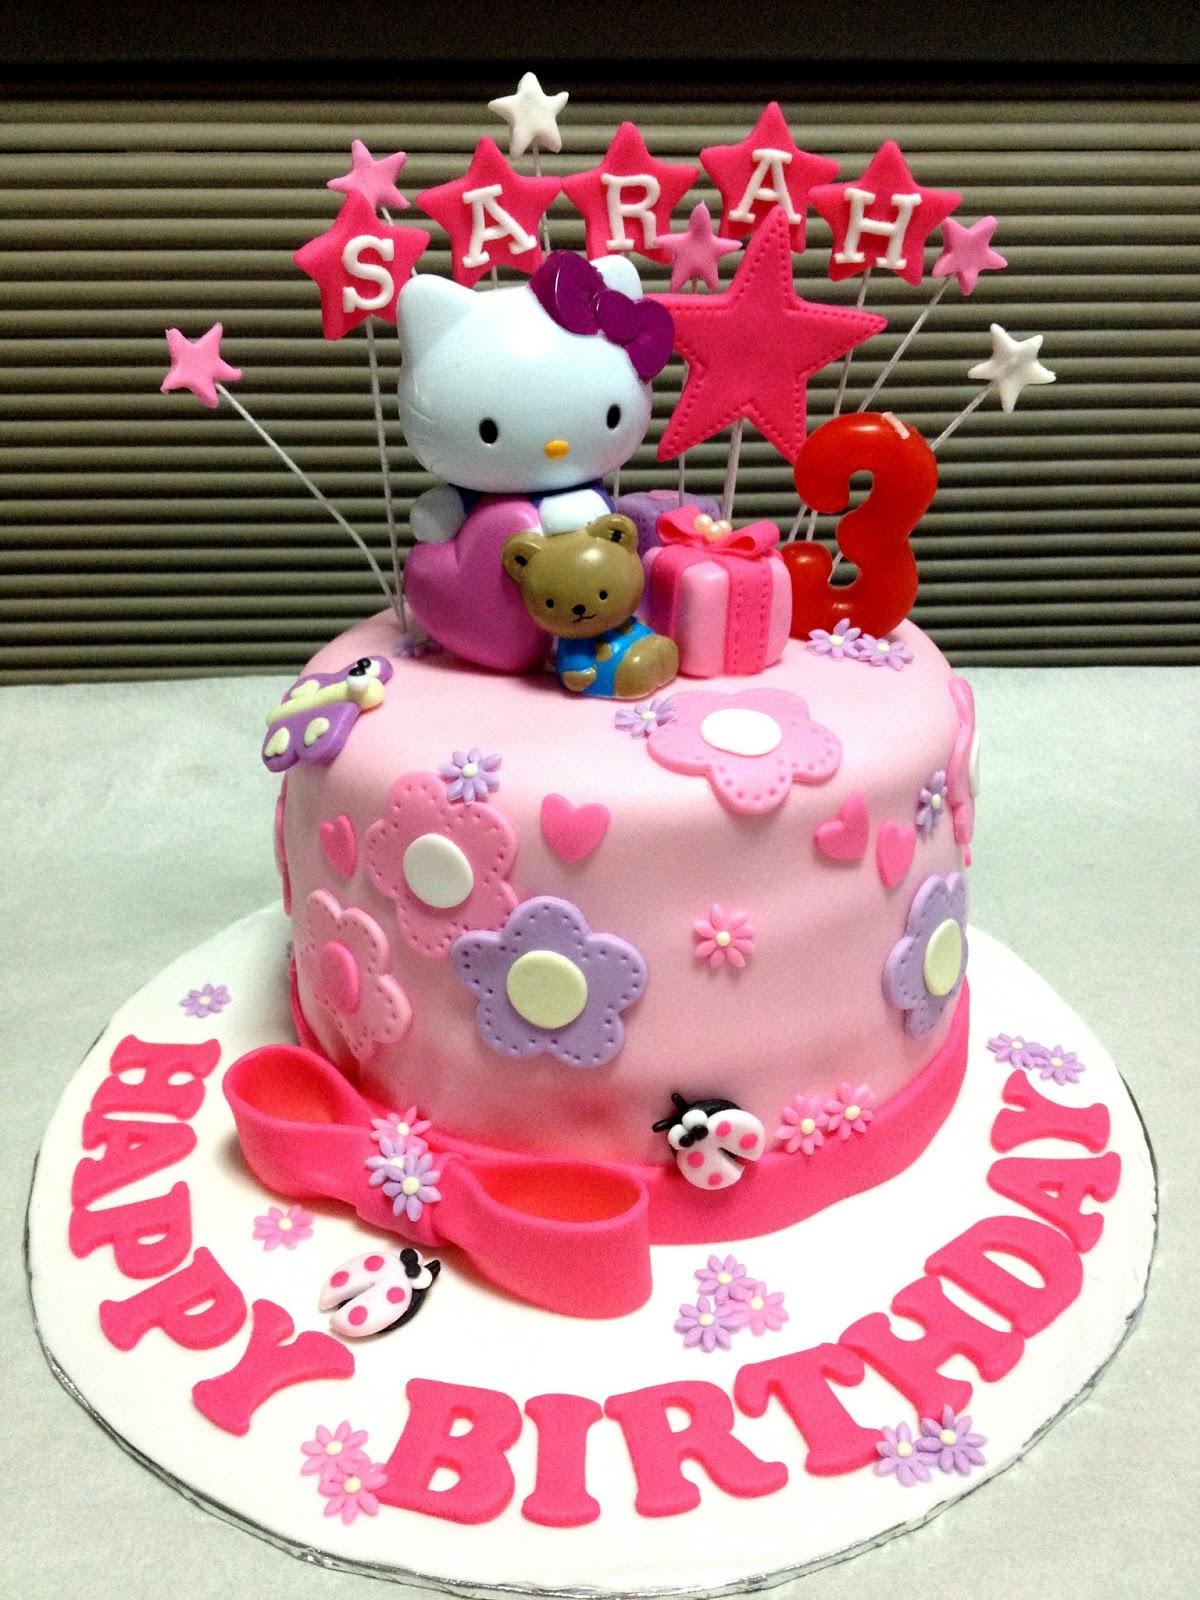 Happy Birthday Zara Cake Brithday Cake